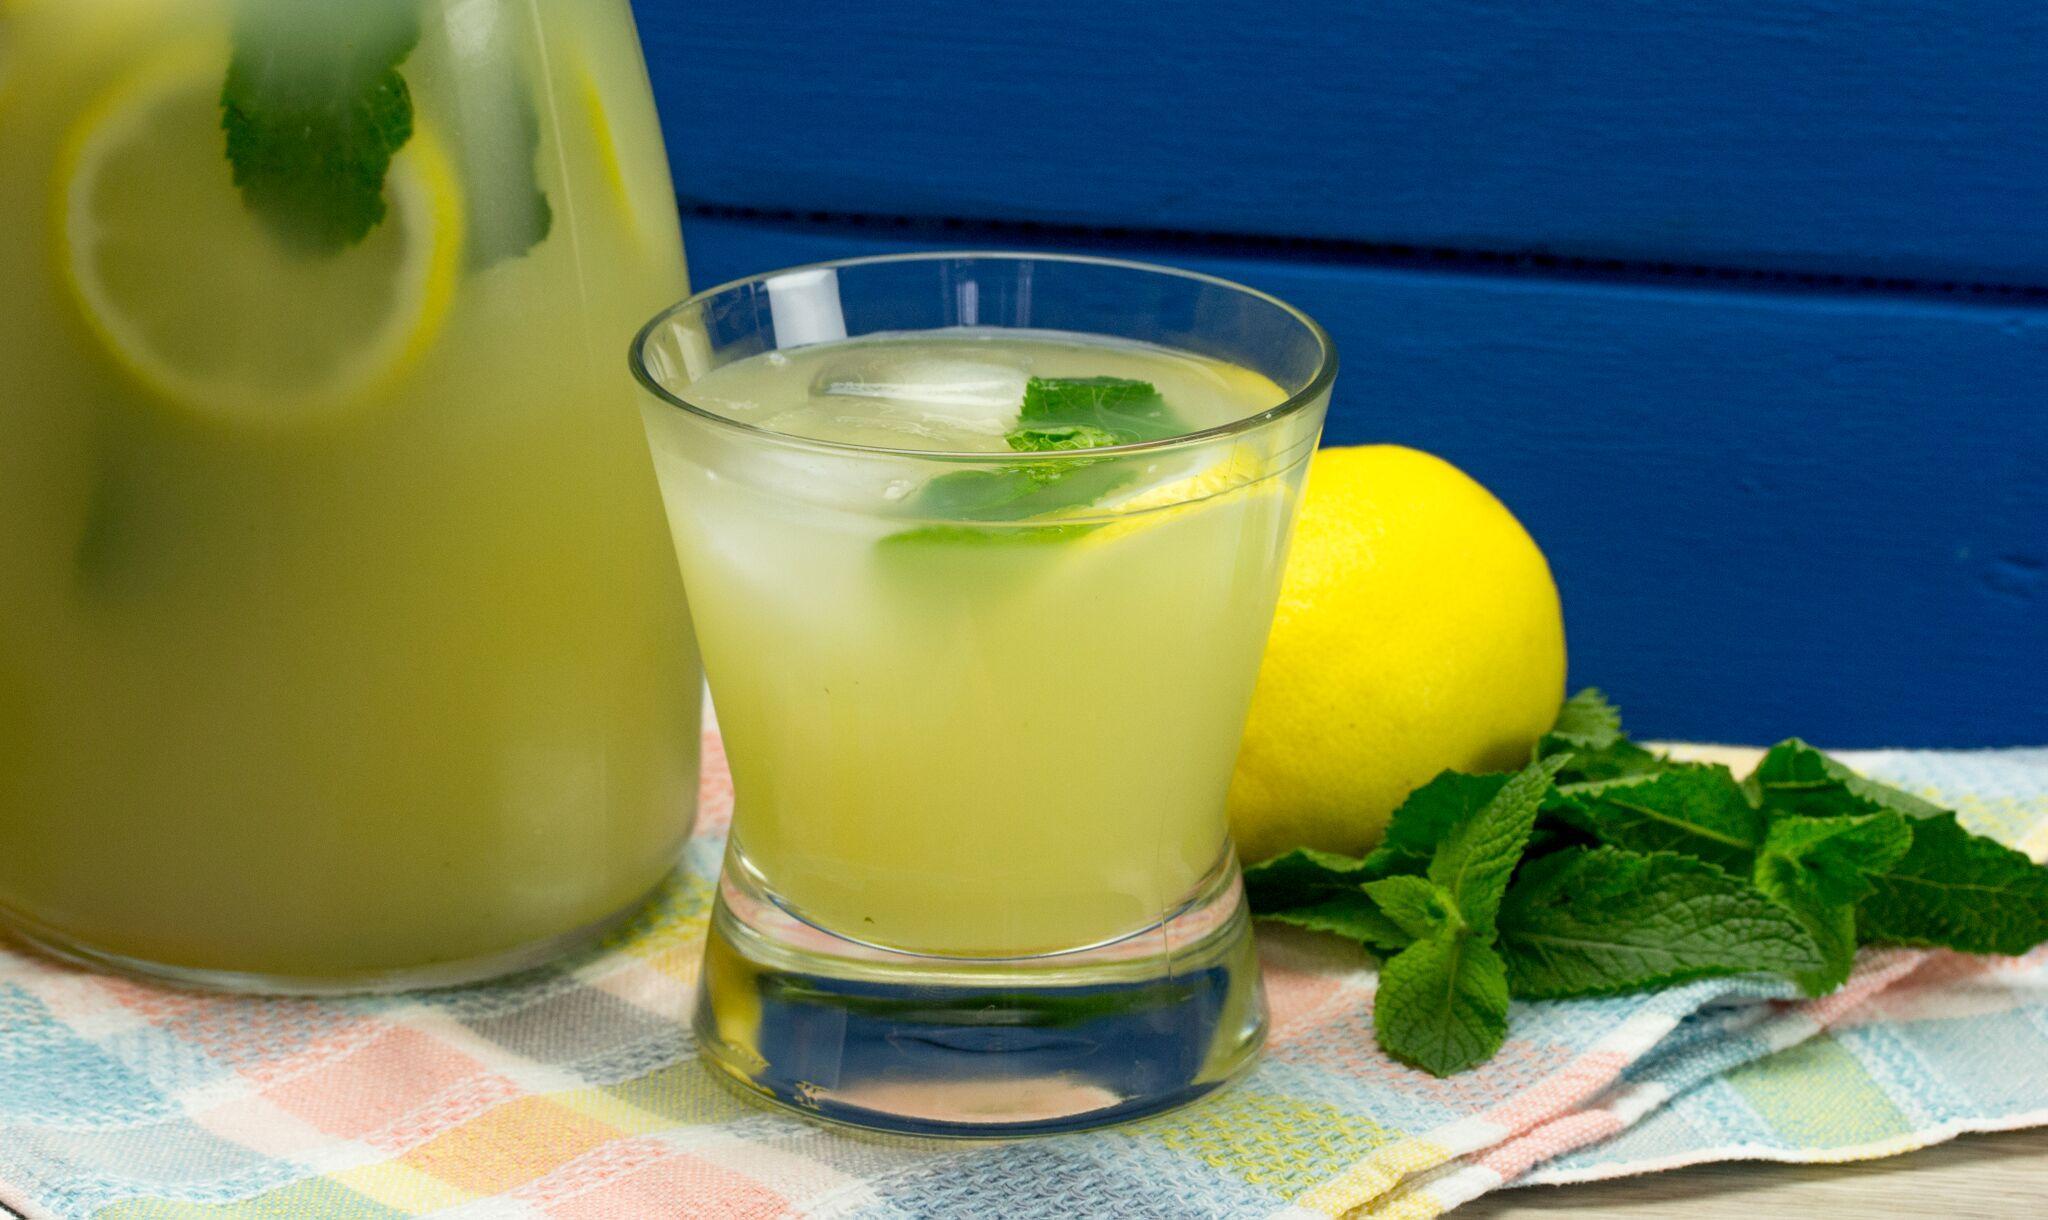 Вкус виртуального лимонада передали ударом тока в язык